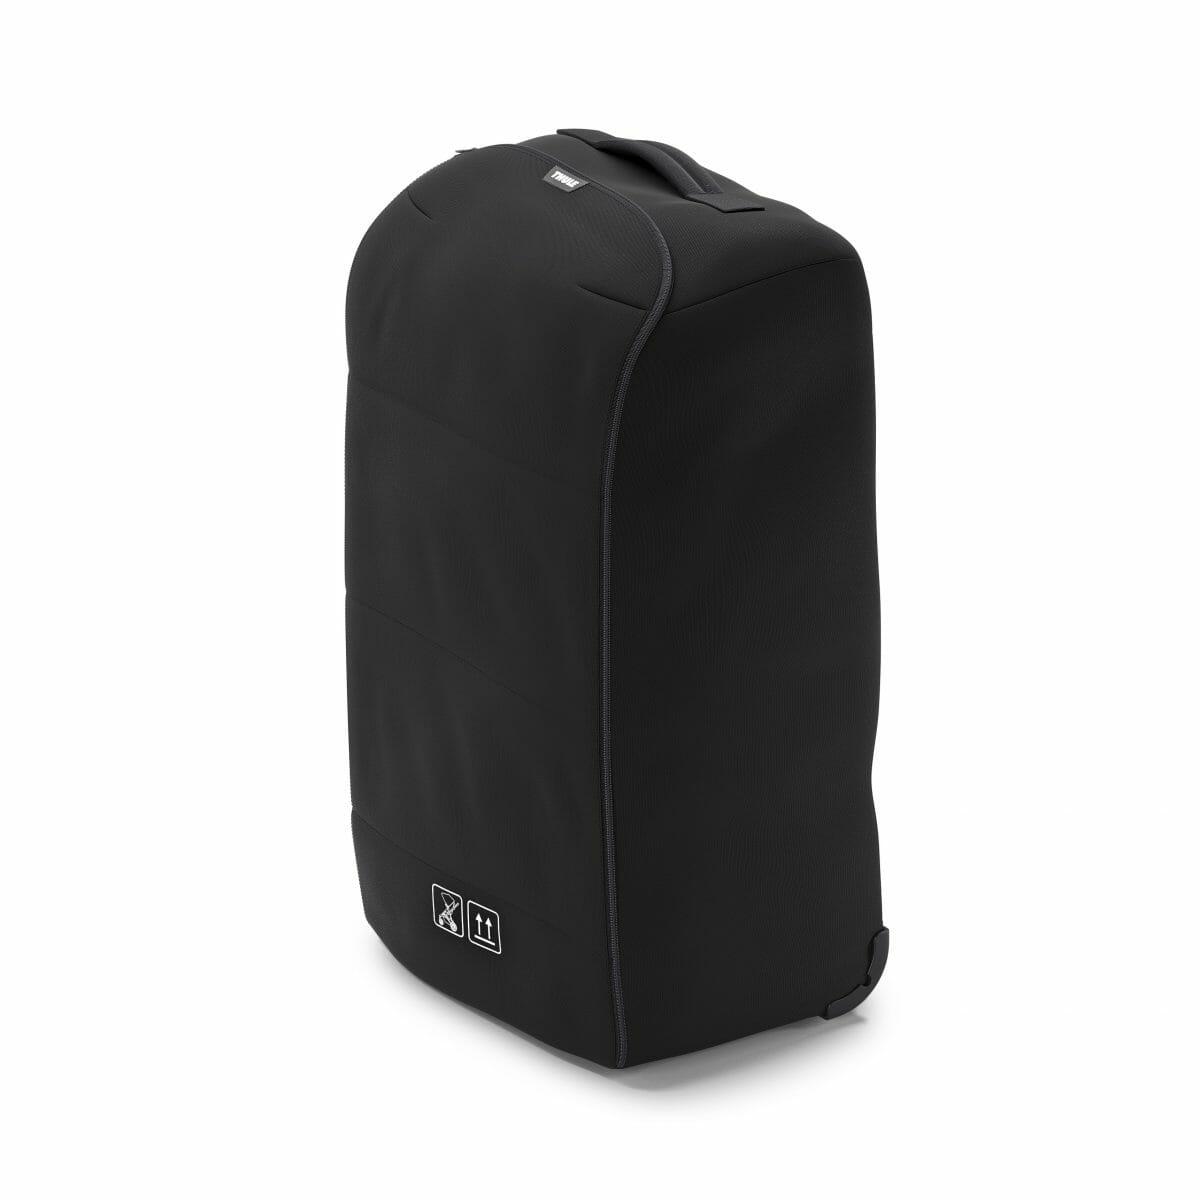 Thule Stroller Travel Bag